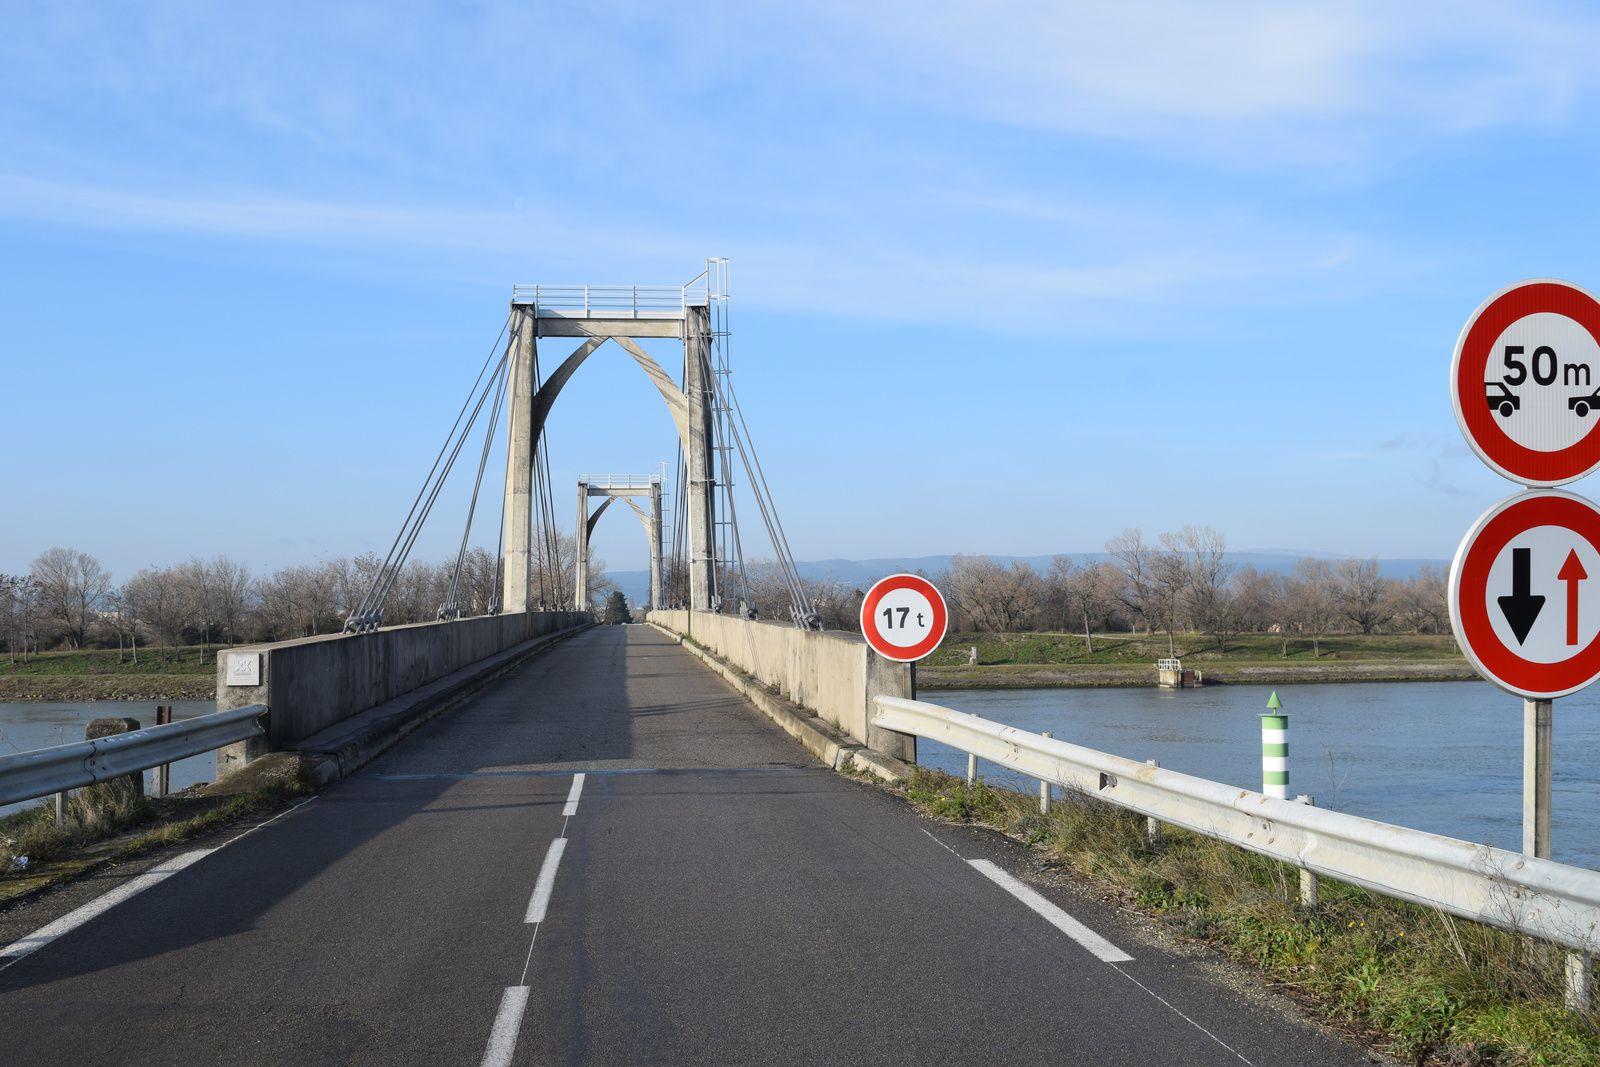 Sur une largeur utile de 5,70 m, le pont porte une chaussée de 4,50 m à deux voies de circulation en double sens, encadrée d'un étroit trottoir (0,50 m environ) en aval et d'une bordure chasse-roues en amont, tous deux bordés de garde-corps pleins en béton. Je dois avouer que lorsque je traverse ce pont en vélo, je ne suis pas des plus rassuré, il n'est vraiment pas large.